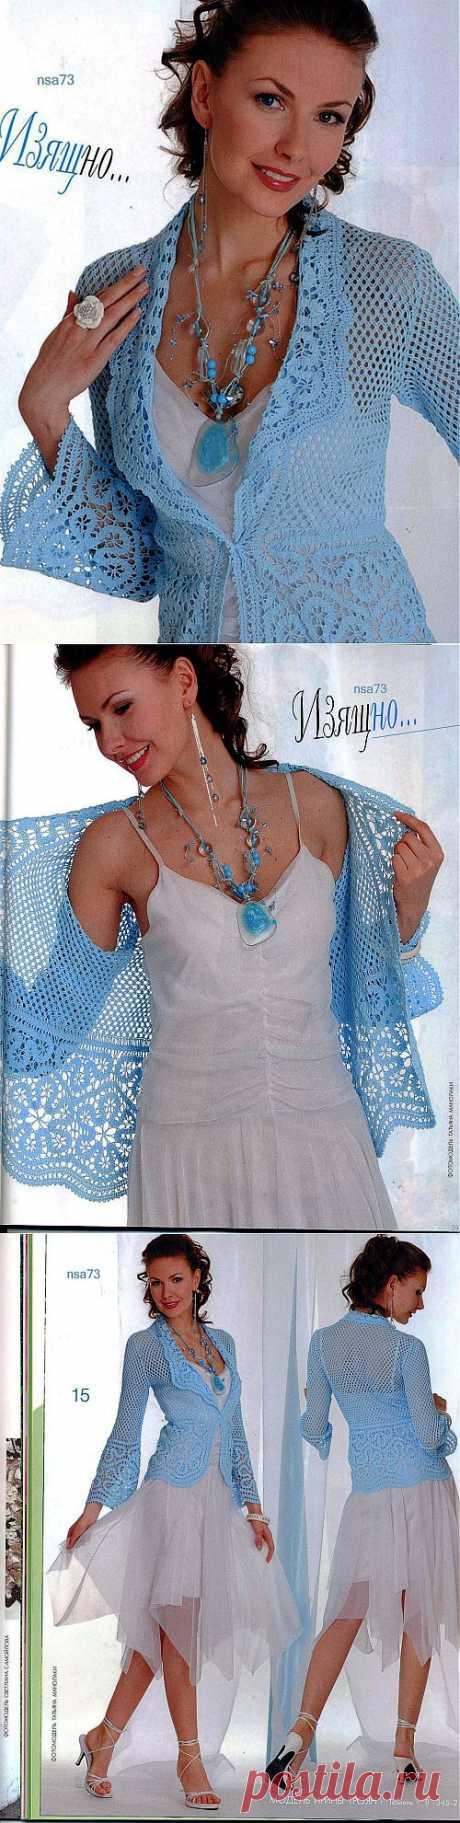 Жакет с отделкой брюгге - Журнал Мод №535.